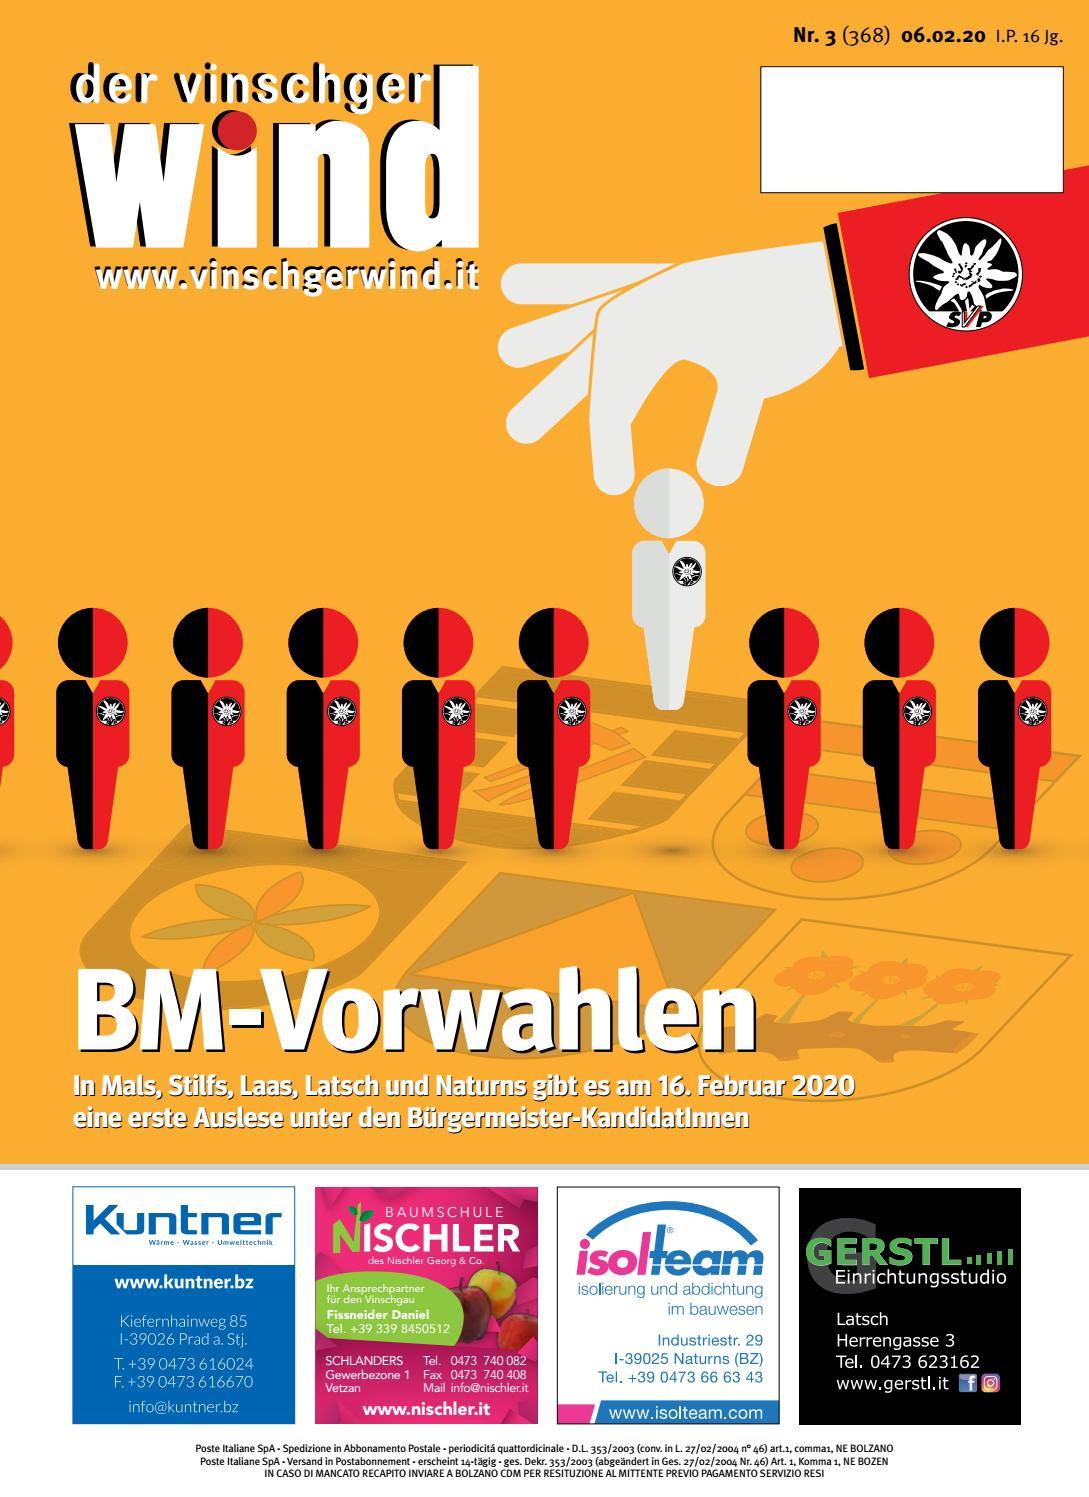 Zeitung Vinschgerwind Ausgabe 3 20 Vom 06 02 20 Bezirk Vinschgau